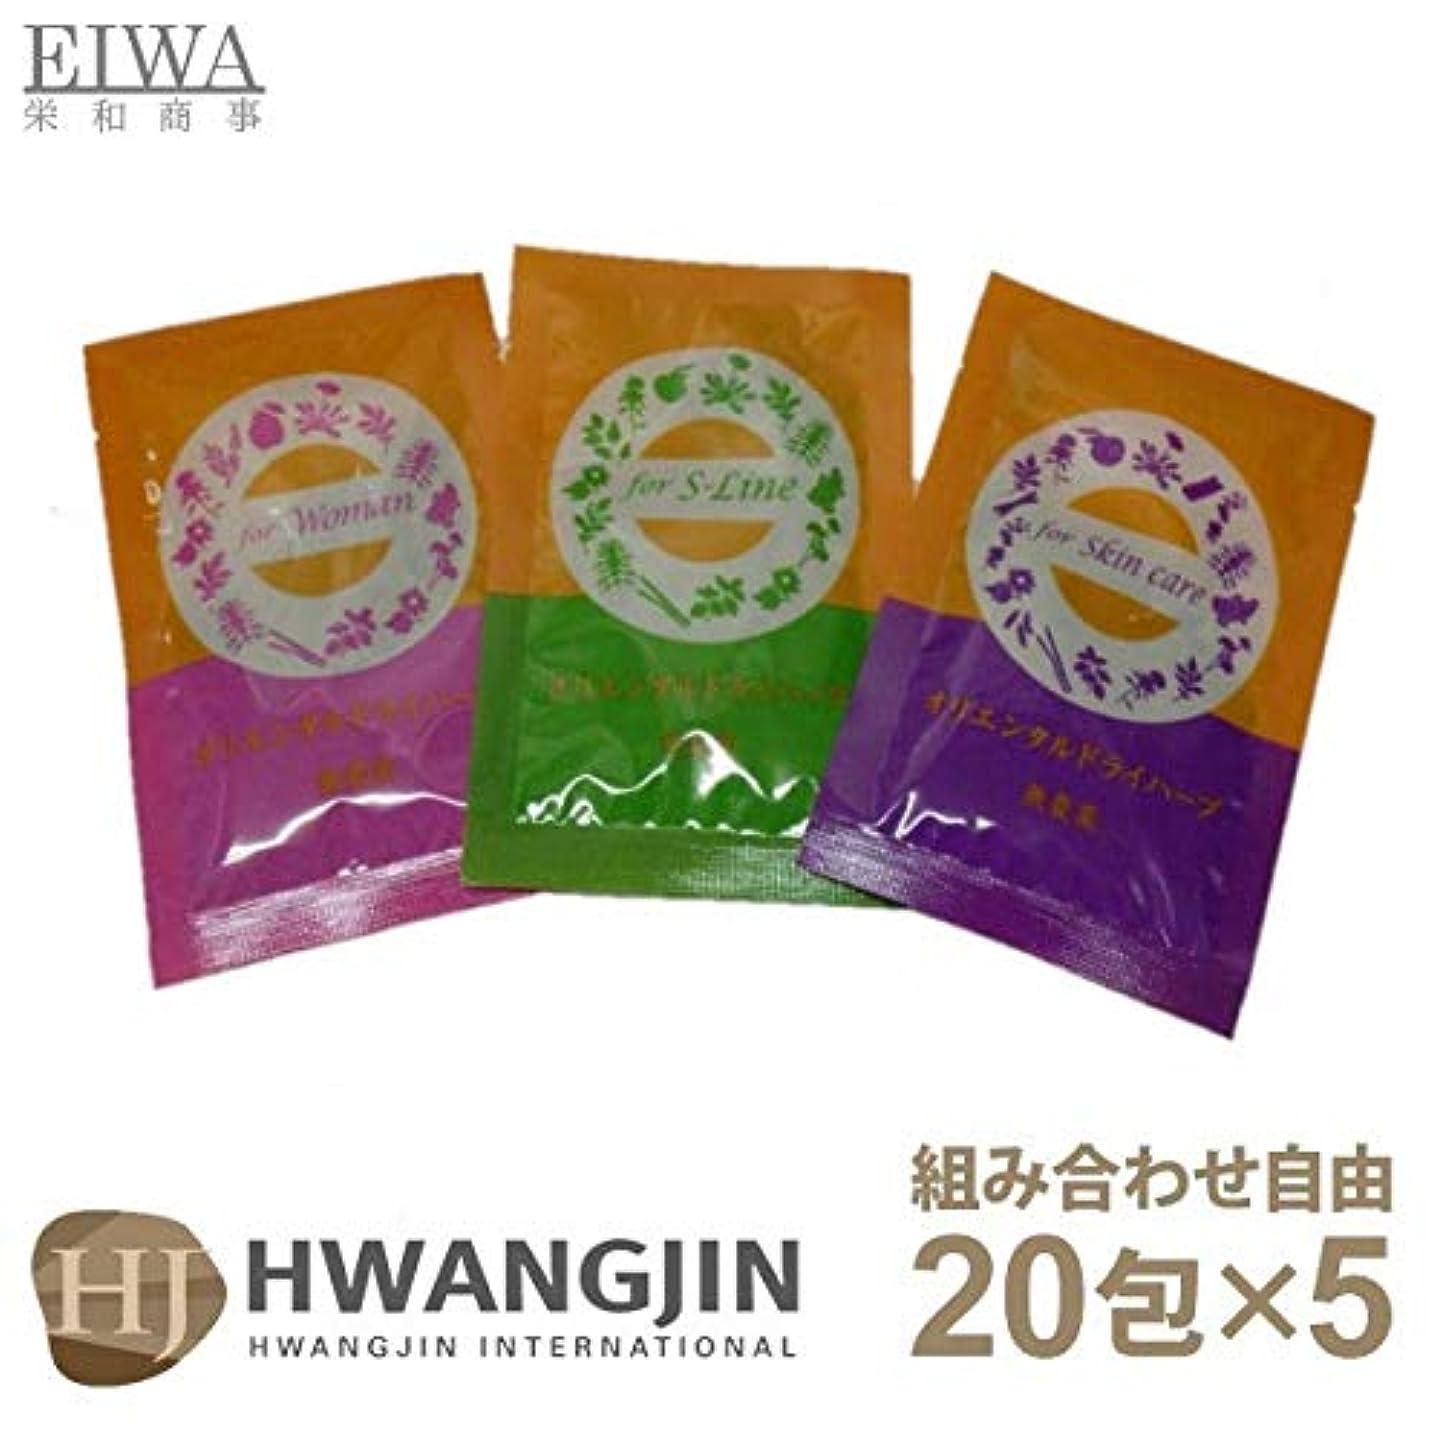 愛情選ぶバーマドファンジン黄土 座浴剤 組合せ自由 3種 計5袋 (100包) 1.2kg